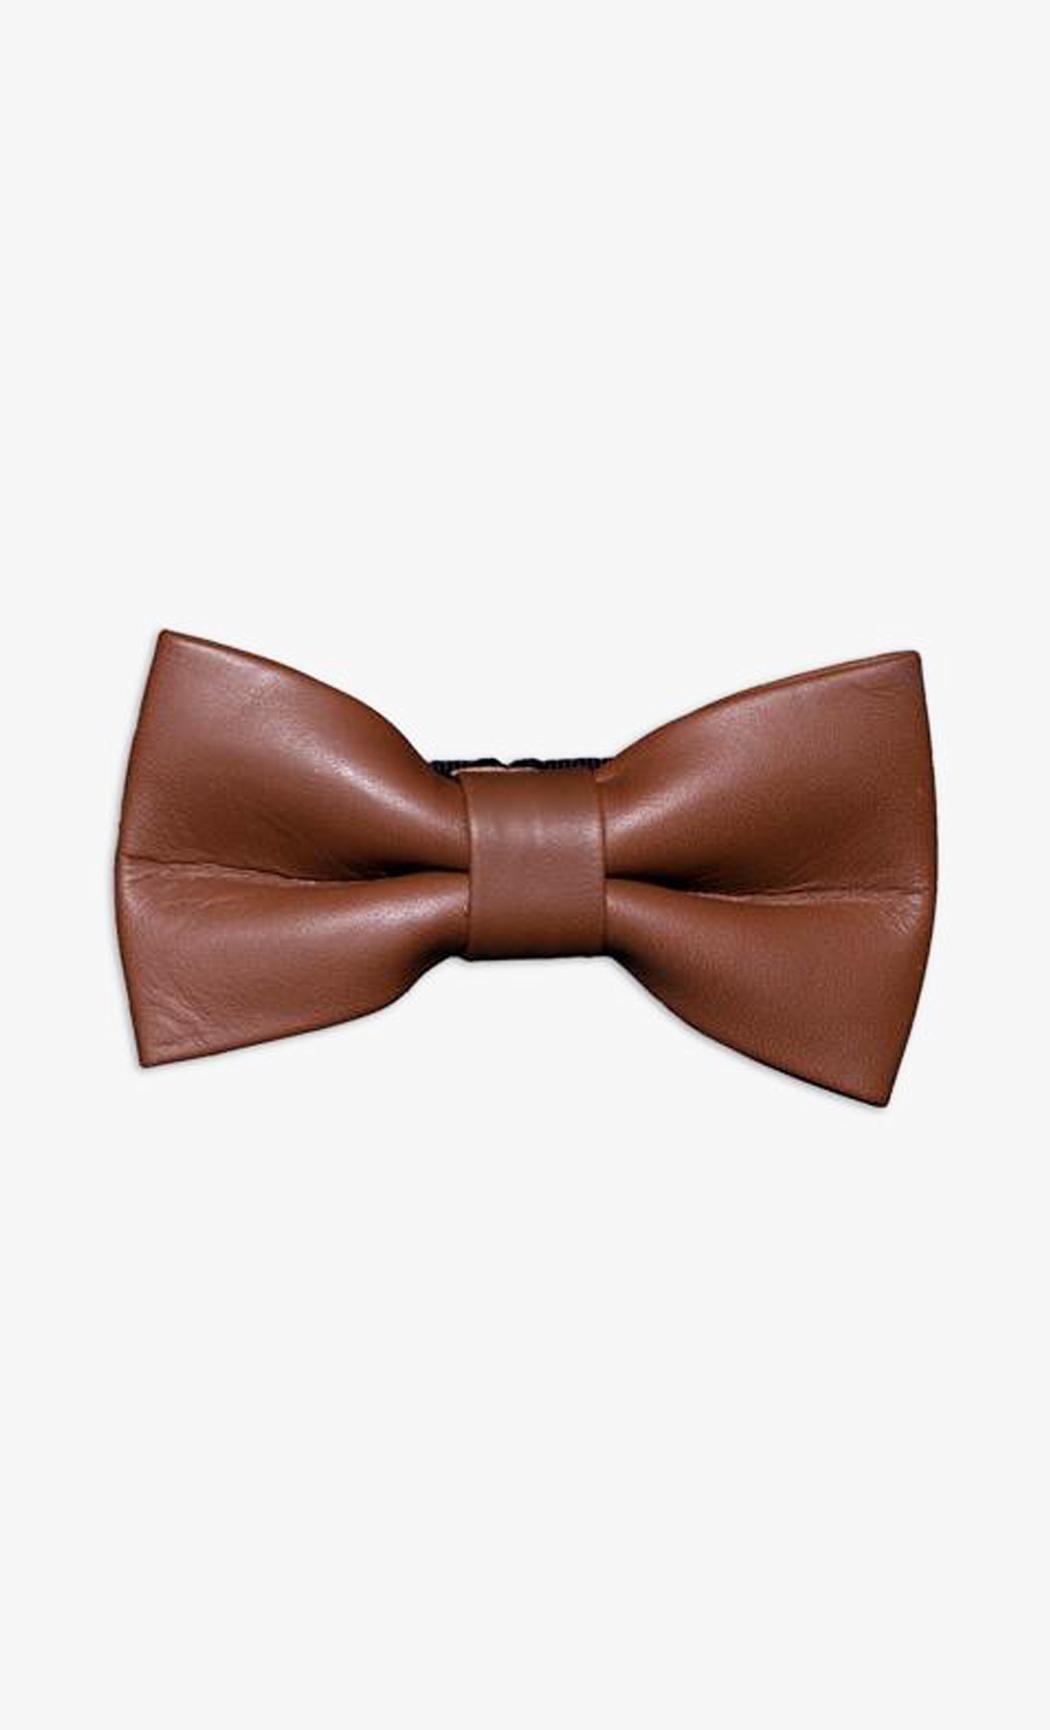 Dark Brown Genuine Leather Bow Tie. Buy Online